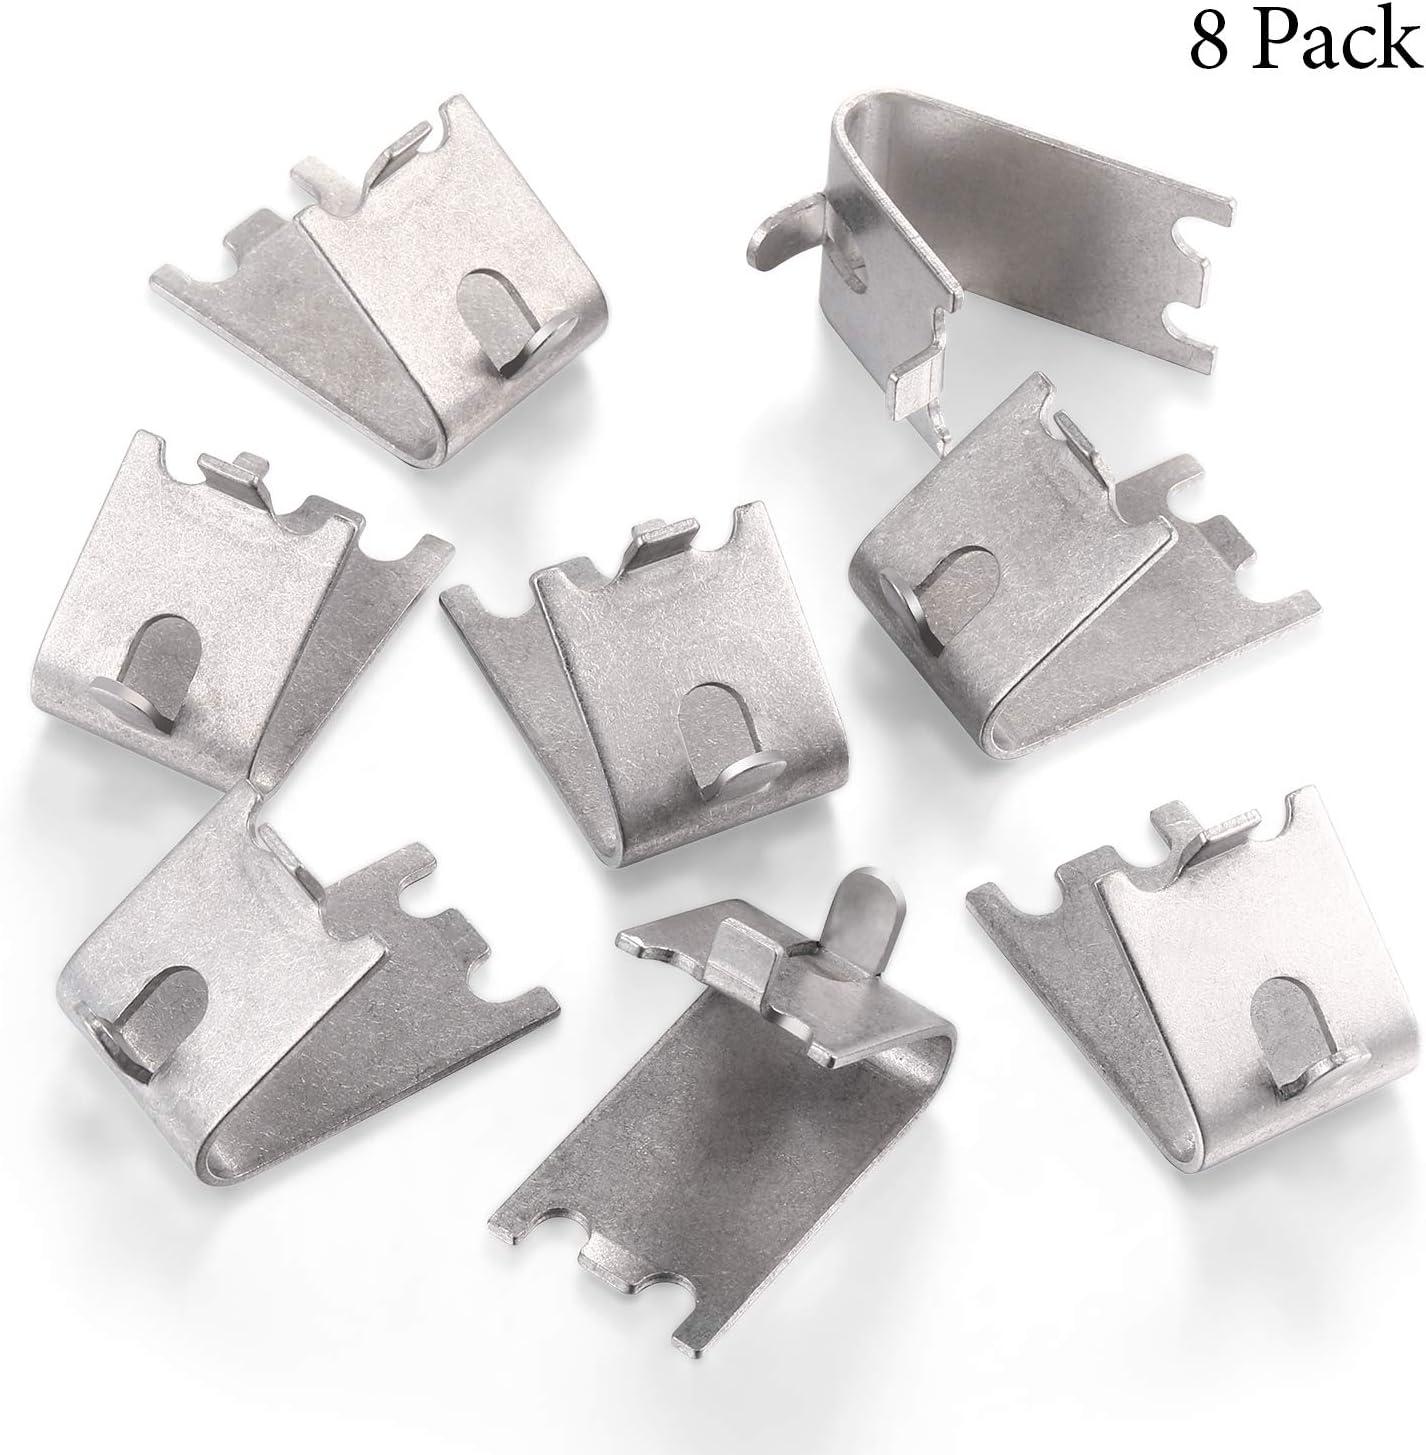 FENGWANGLI 920158 Freezer Shelf Clip Freezer Cooler Shelf Support Shelf Square Clips Stainless Steel Shelf Clip for Refrigerator 10 Pcs